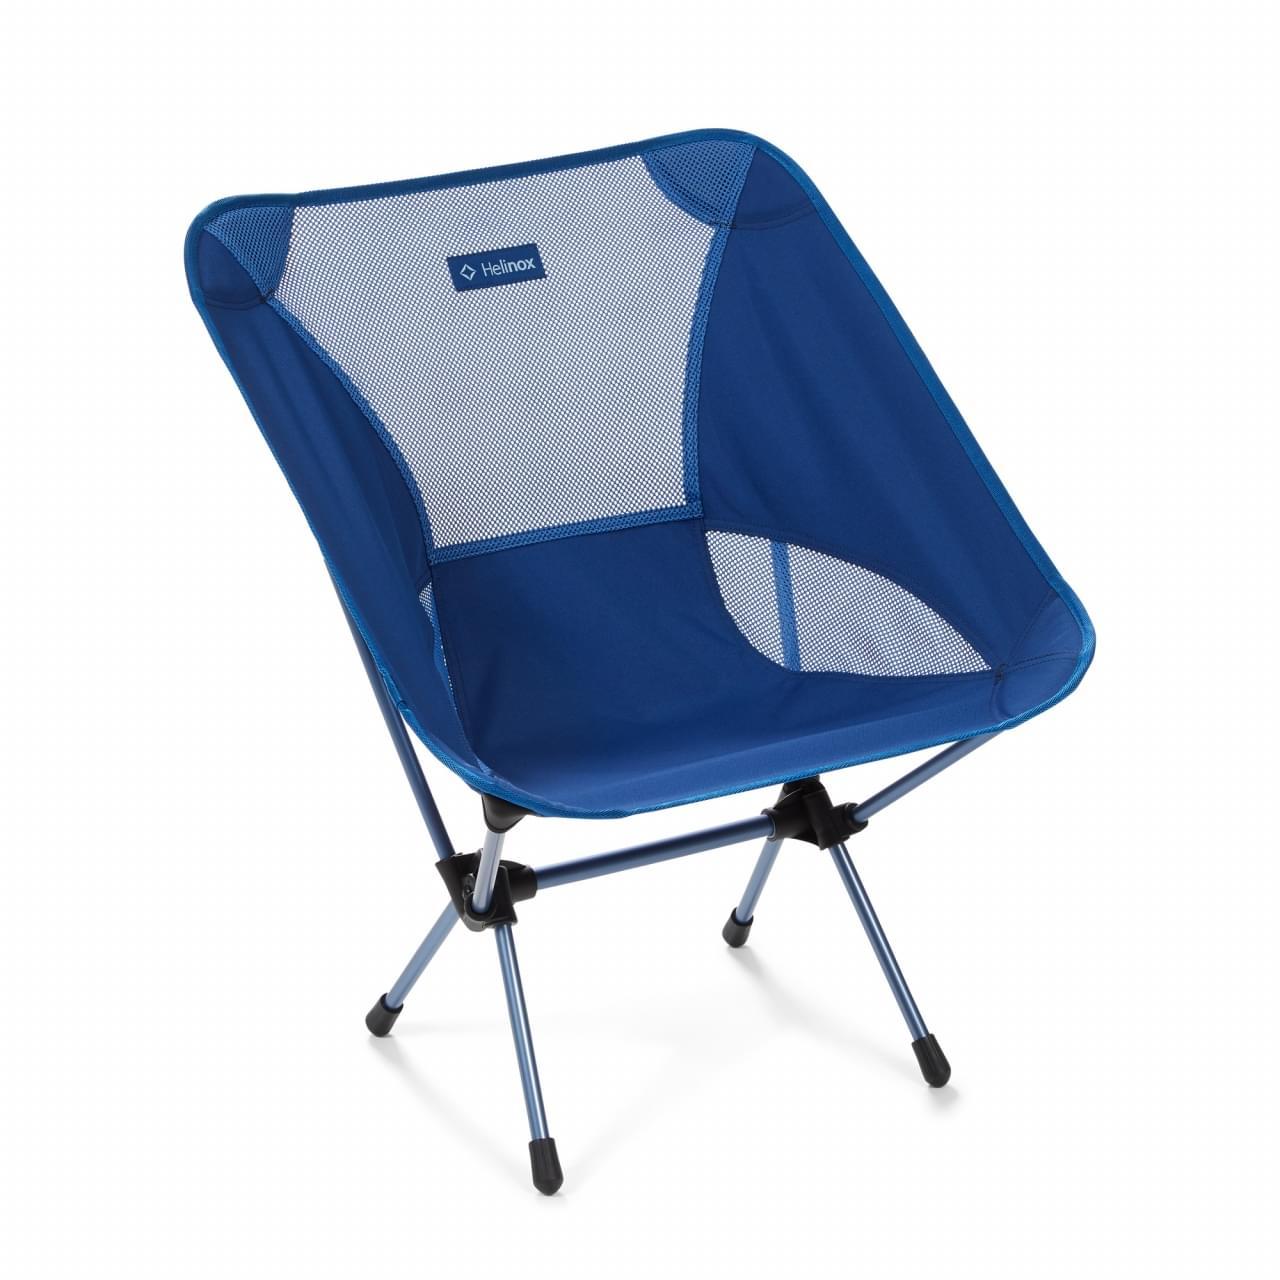 Helinox Chair One Block Lichtgewicht Stoel - Blauw